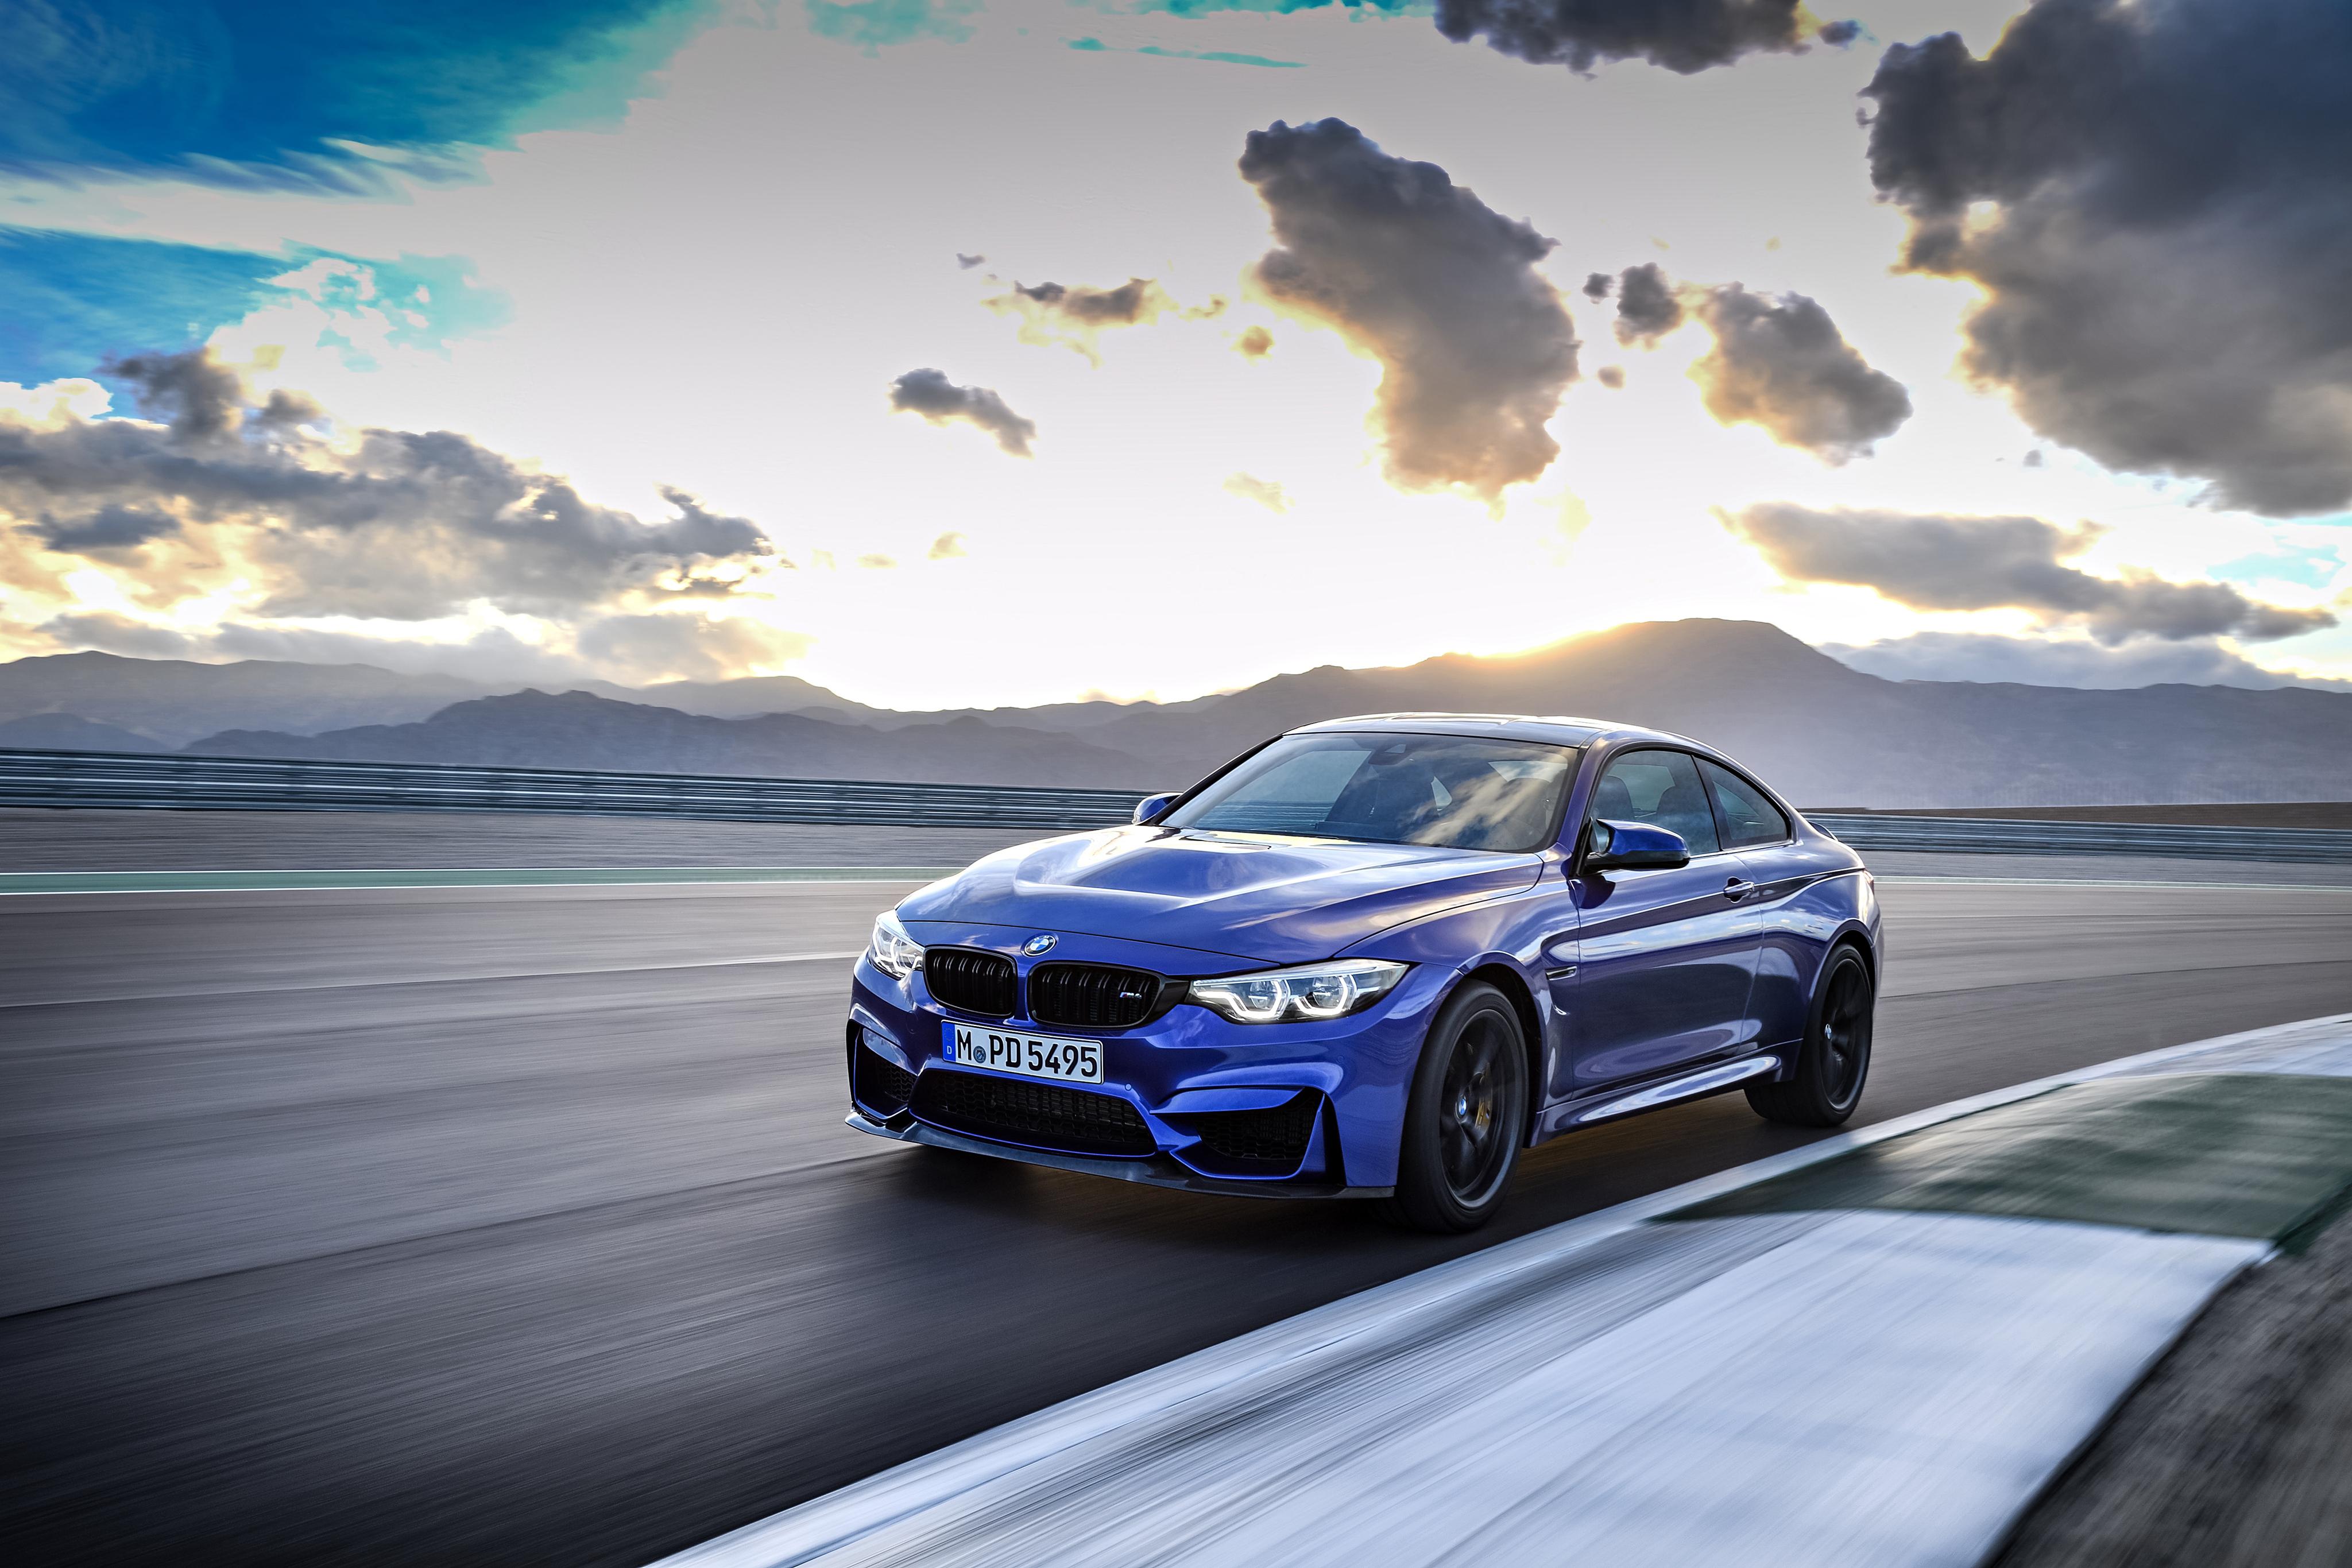 Картинки БМВ 2017 M4 CS Worldwide синие едущий Металлик Автомобили 4096x2731 BMW синих Синий синяя едет едущая скорость Движение авто машина машины автомобиль